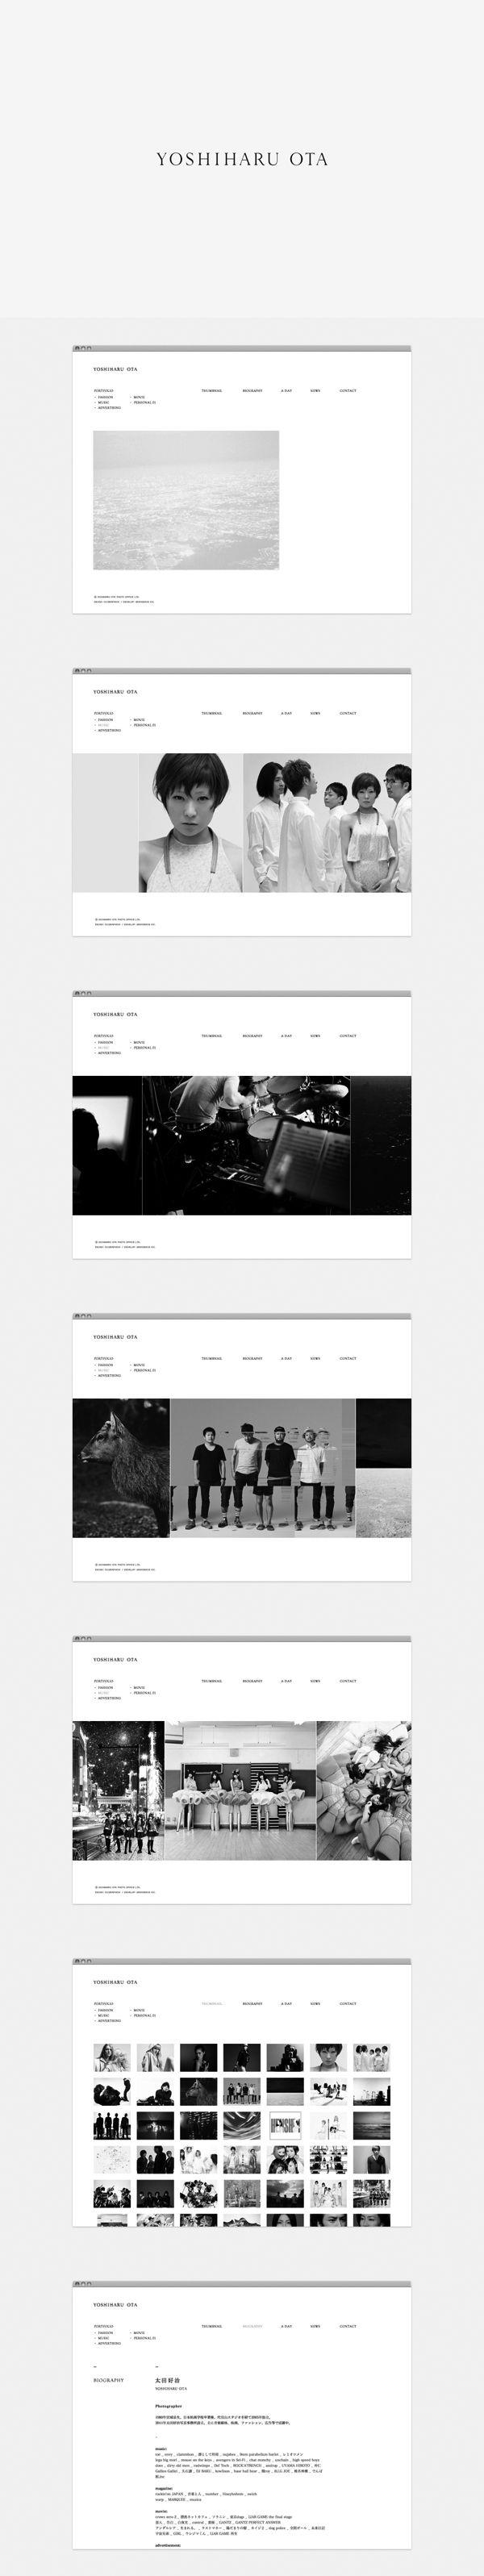 ≪写真家 太田好治のためのウェブサイト≫ Website for YOSHIHARU OTA Photographer | Yoshiharu Ota 2011年 / Logotype, Website — ArtDirection: Munehiro Machida (NSSGRAPHICA) Develop: Yoshiaki Fujimori (GRANDBASE inc.) Gestaltung: Makoto Kamimura  (c) Yoshiharu Ota.